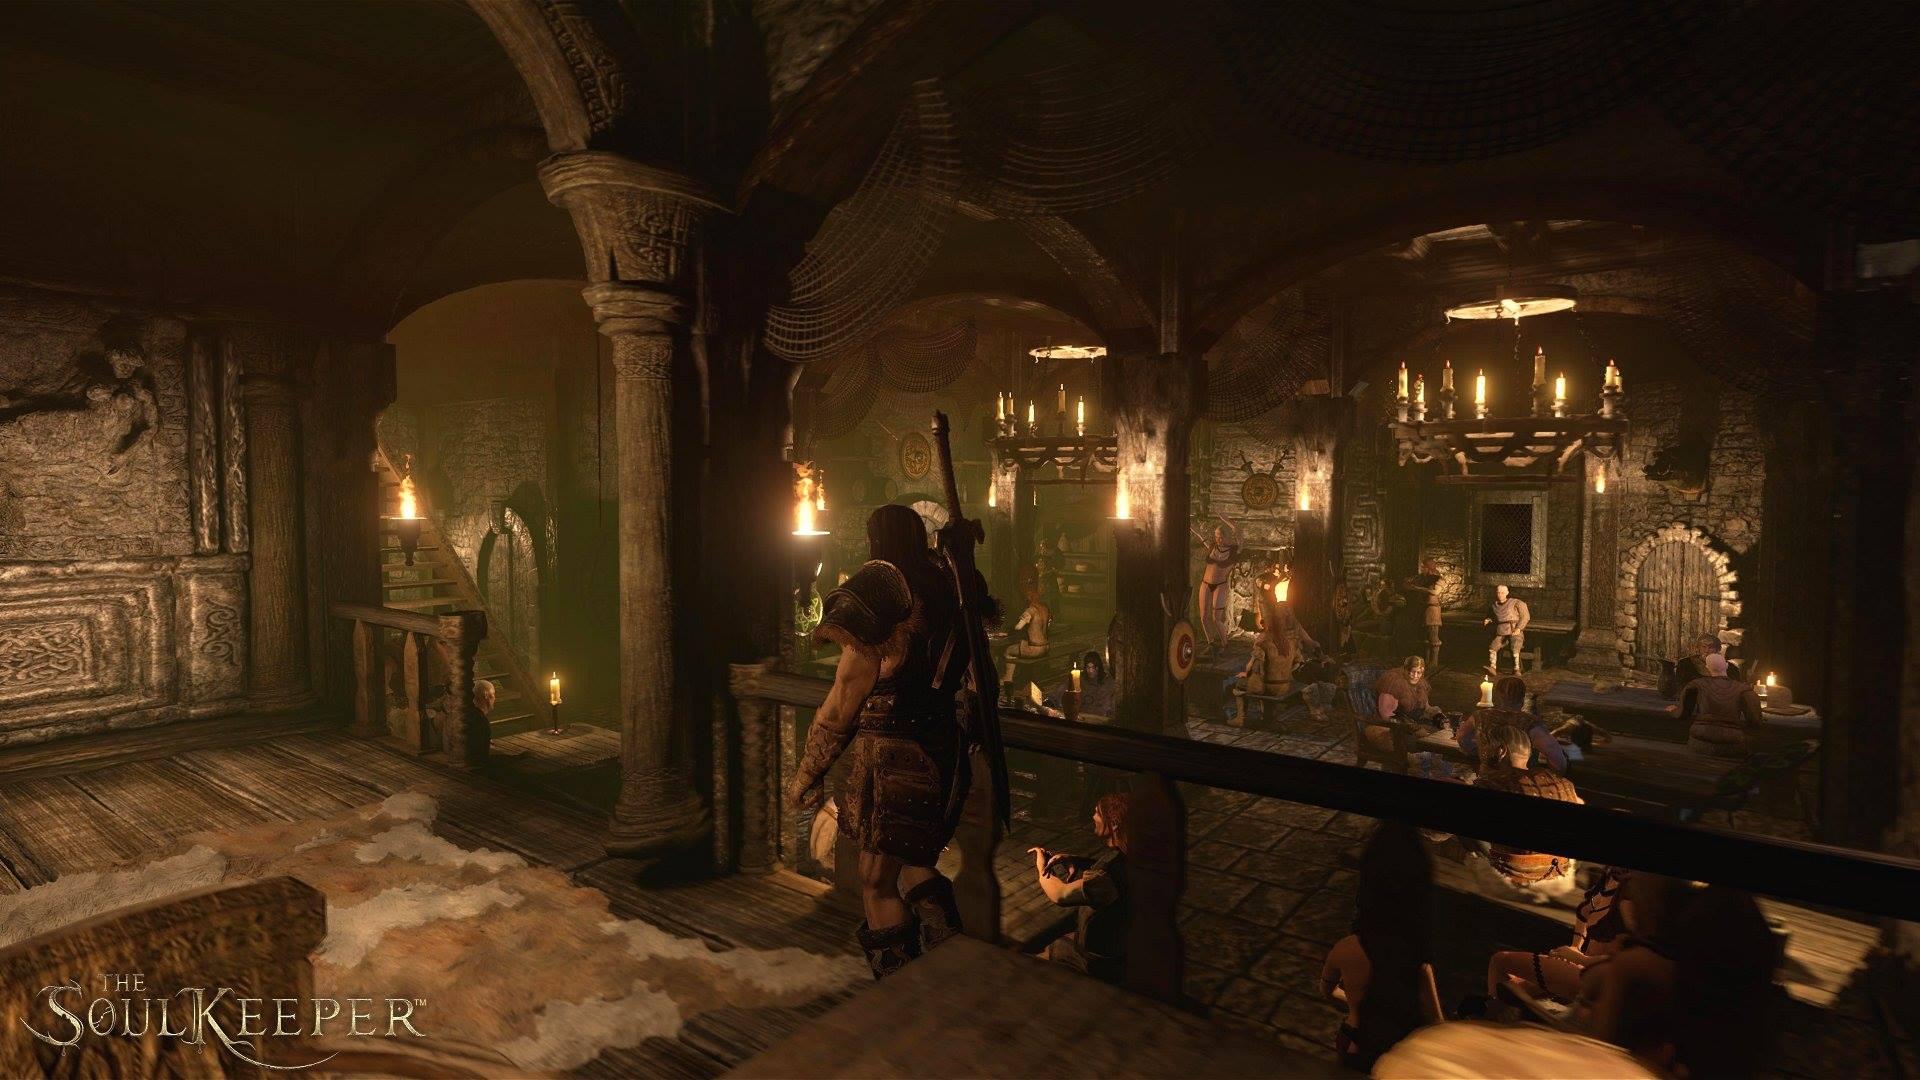 The Soul Keeper - RPG на Unreal Engine 4 - Первые скриншоты... Скайрим ты ли это ? - Изображение 6